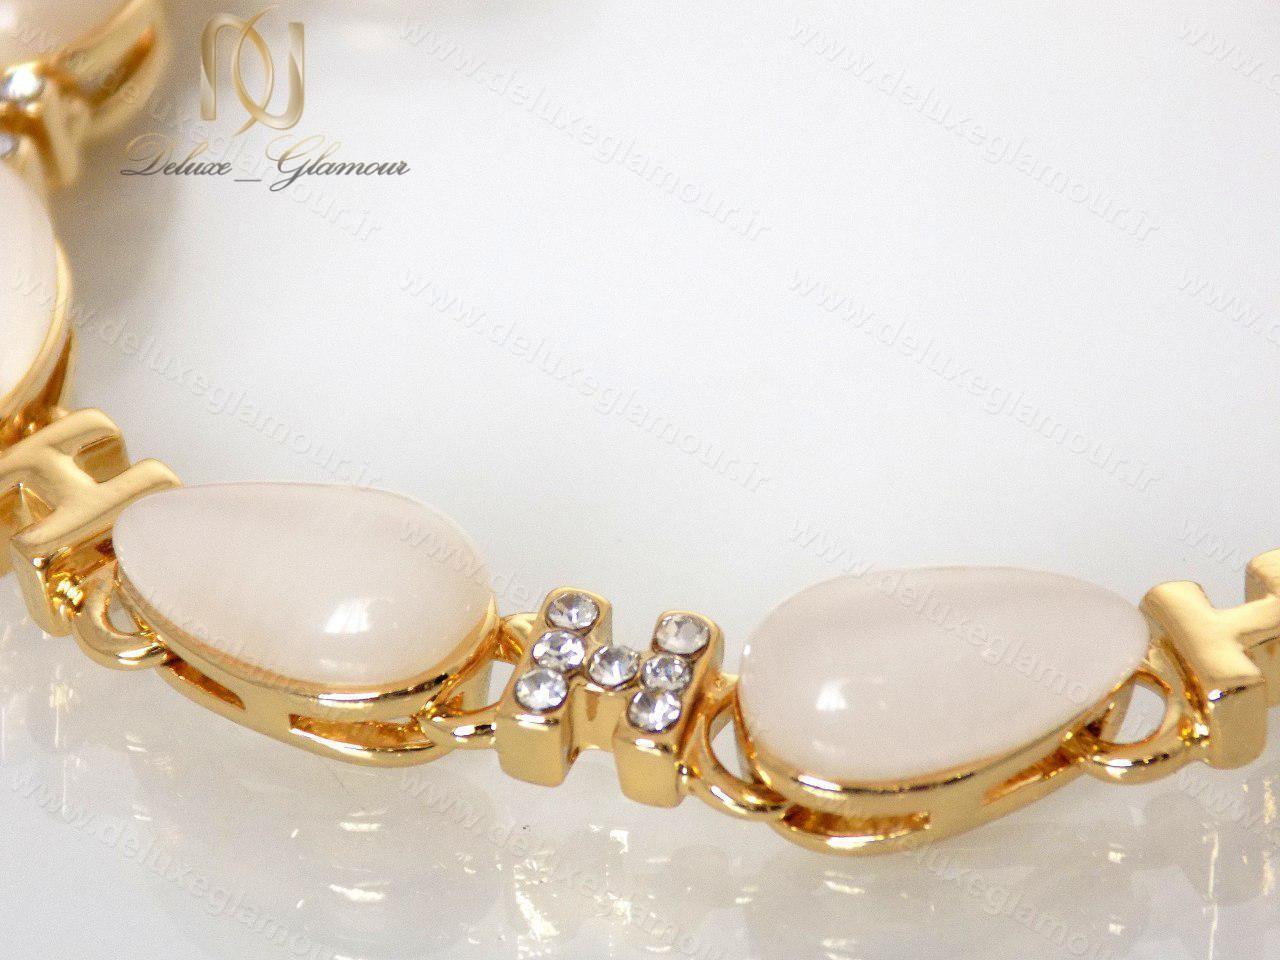 دستبند دخترانه لوکس طلایی با المان های سواروسکی کلیو cl-0190-D با پس زمینه سفید از نزدیک